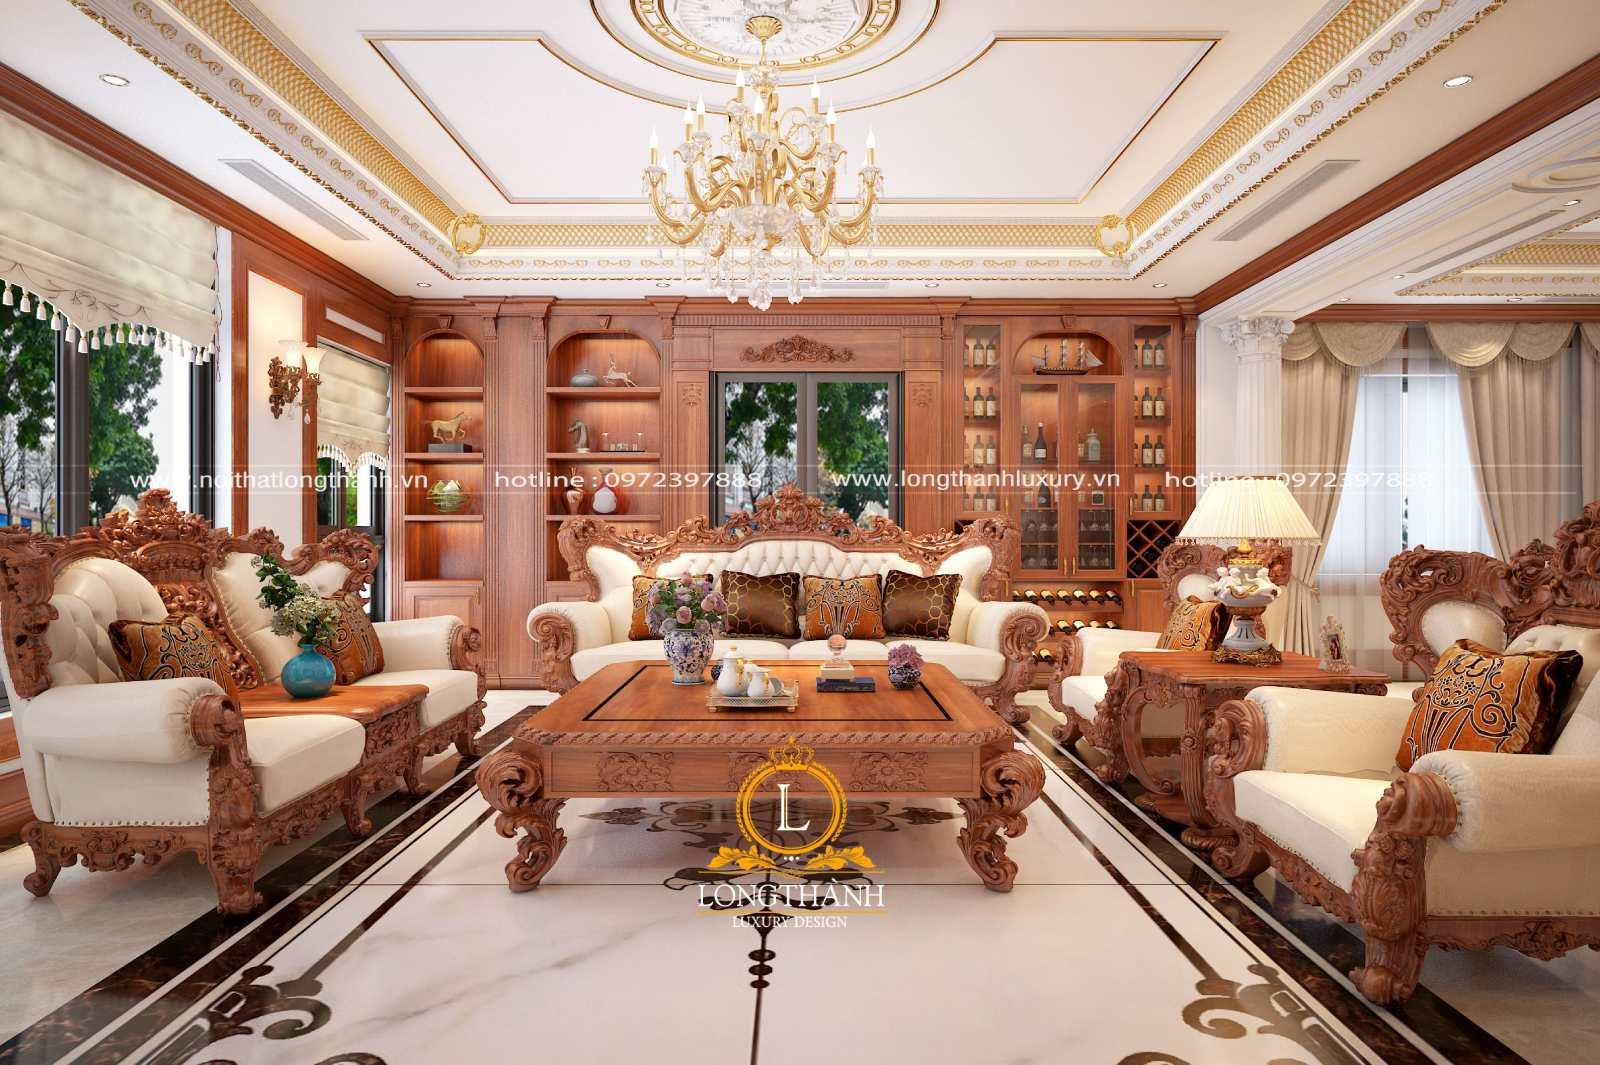 Lựa chọn sofa phòng khách cần lưu ý điều gì